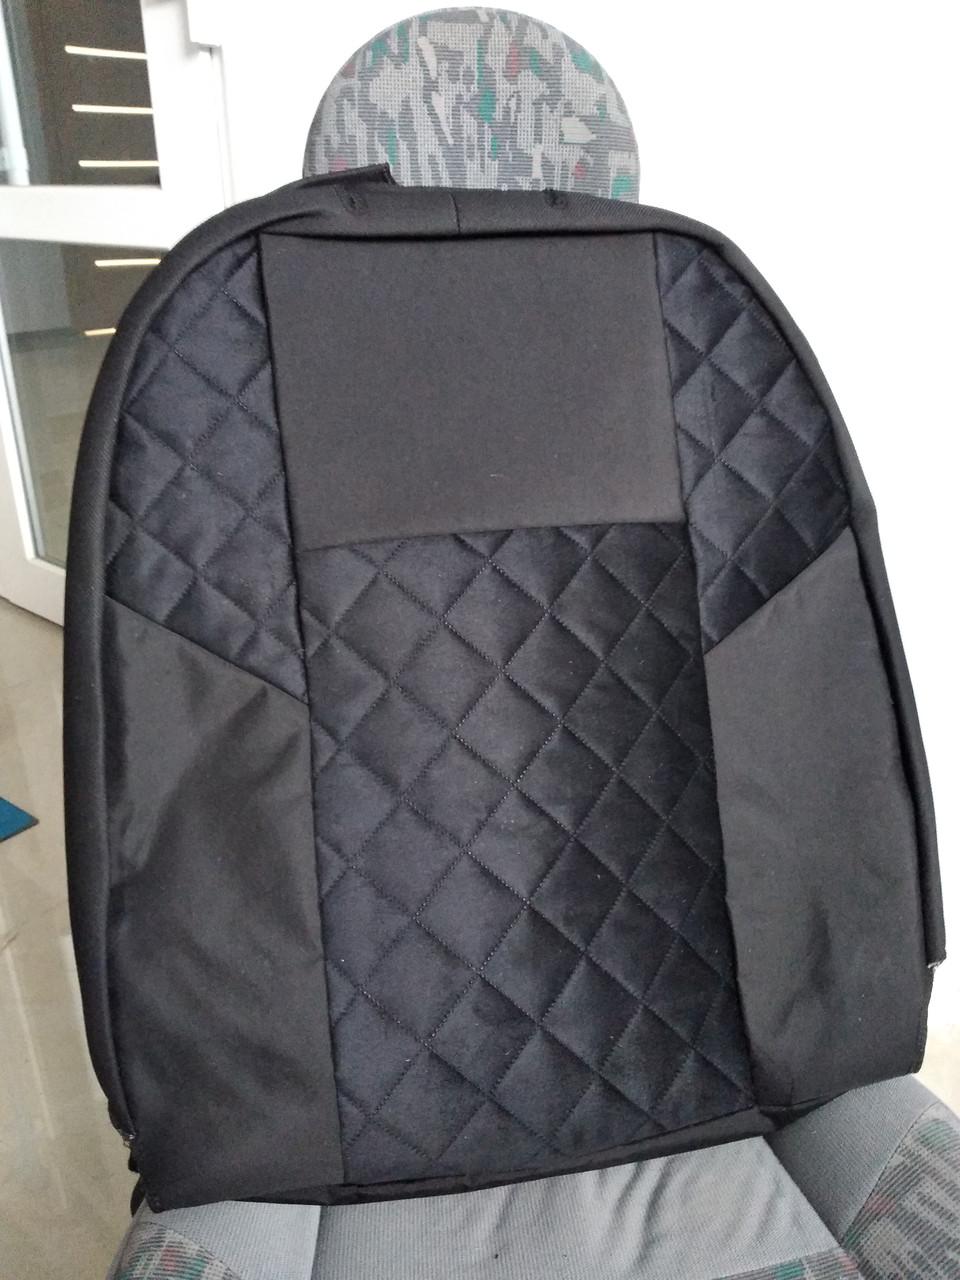 Чехлы на сиденья авто универсальные MAX алькантара (спинка деленка) Черный